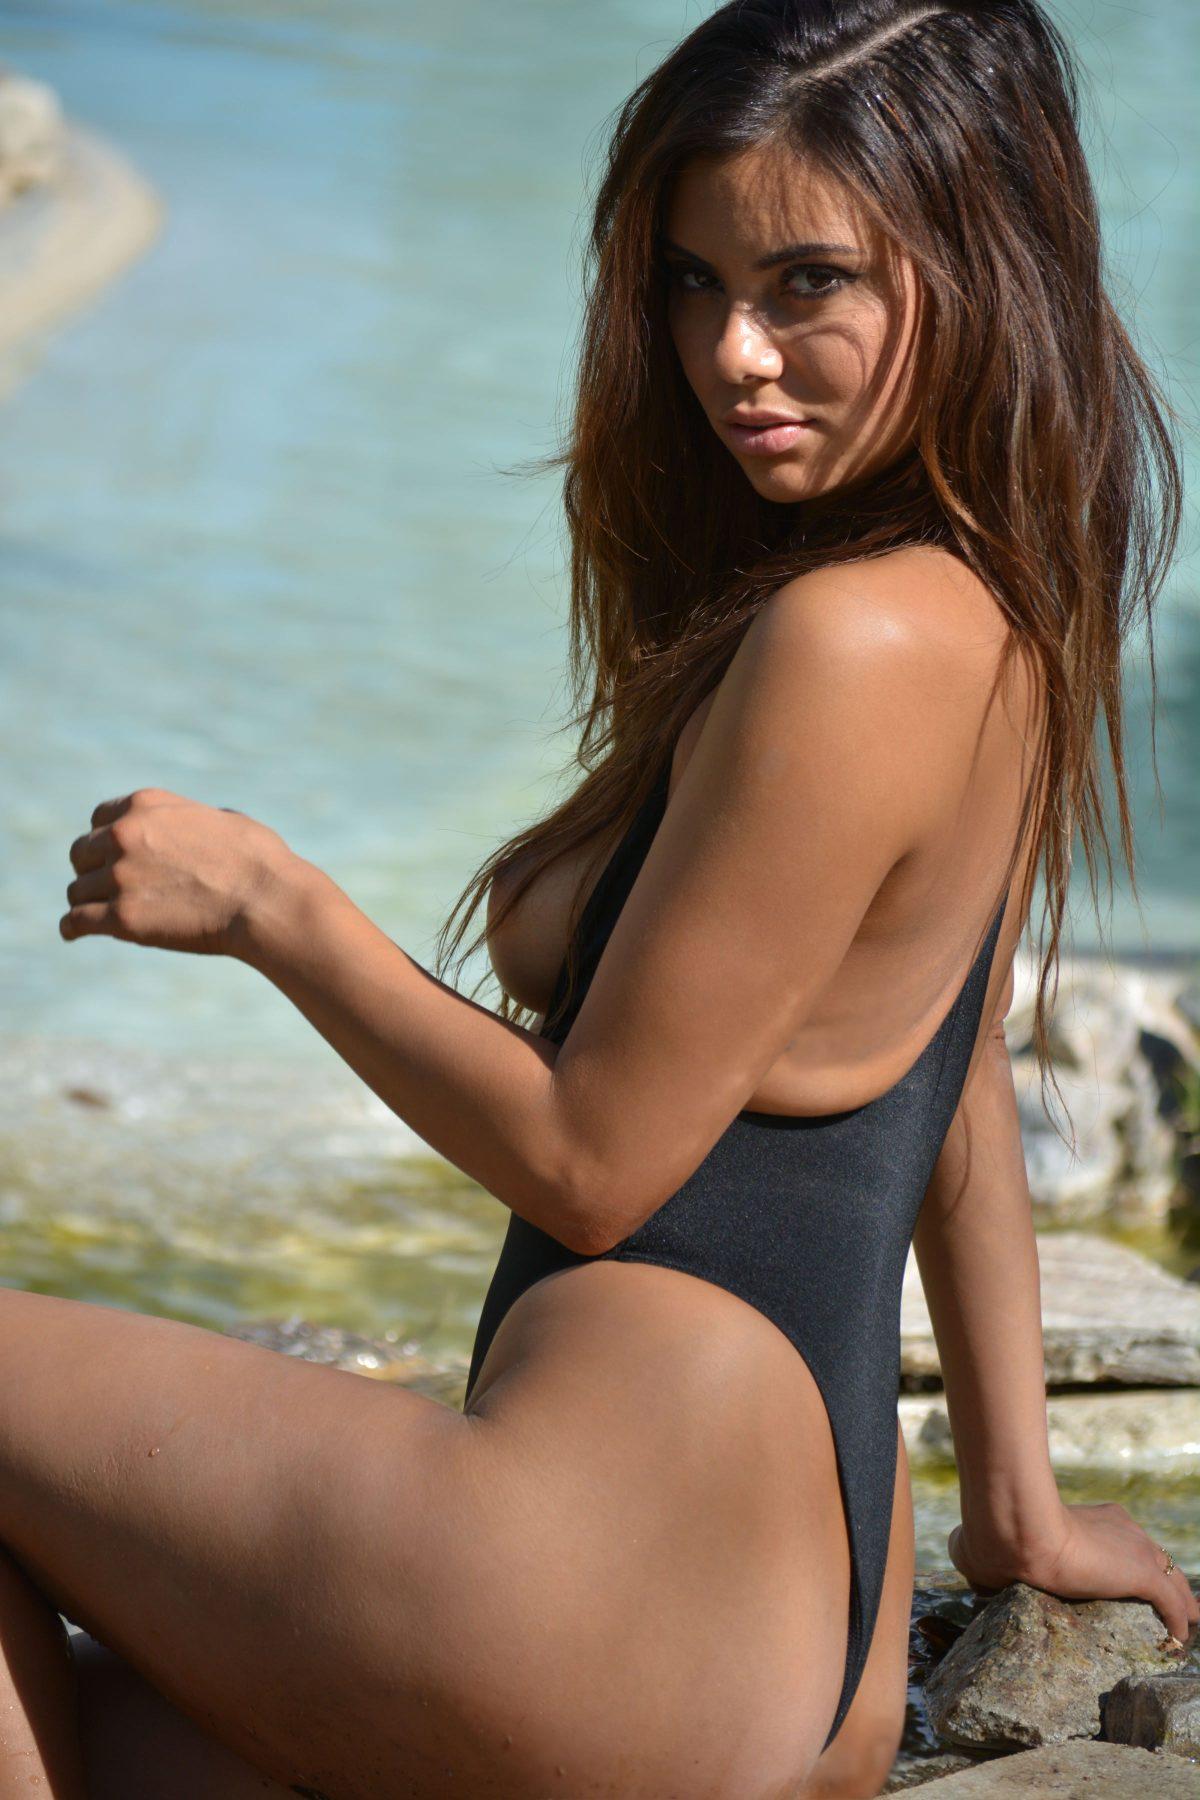 43-fotos-topless-de-gostosas-na-praia-8